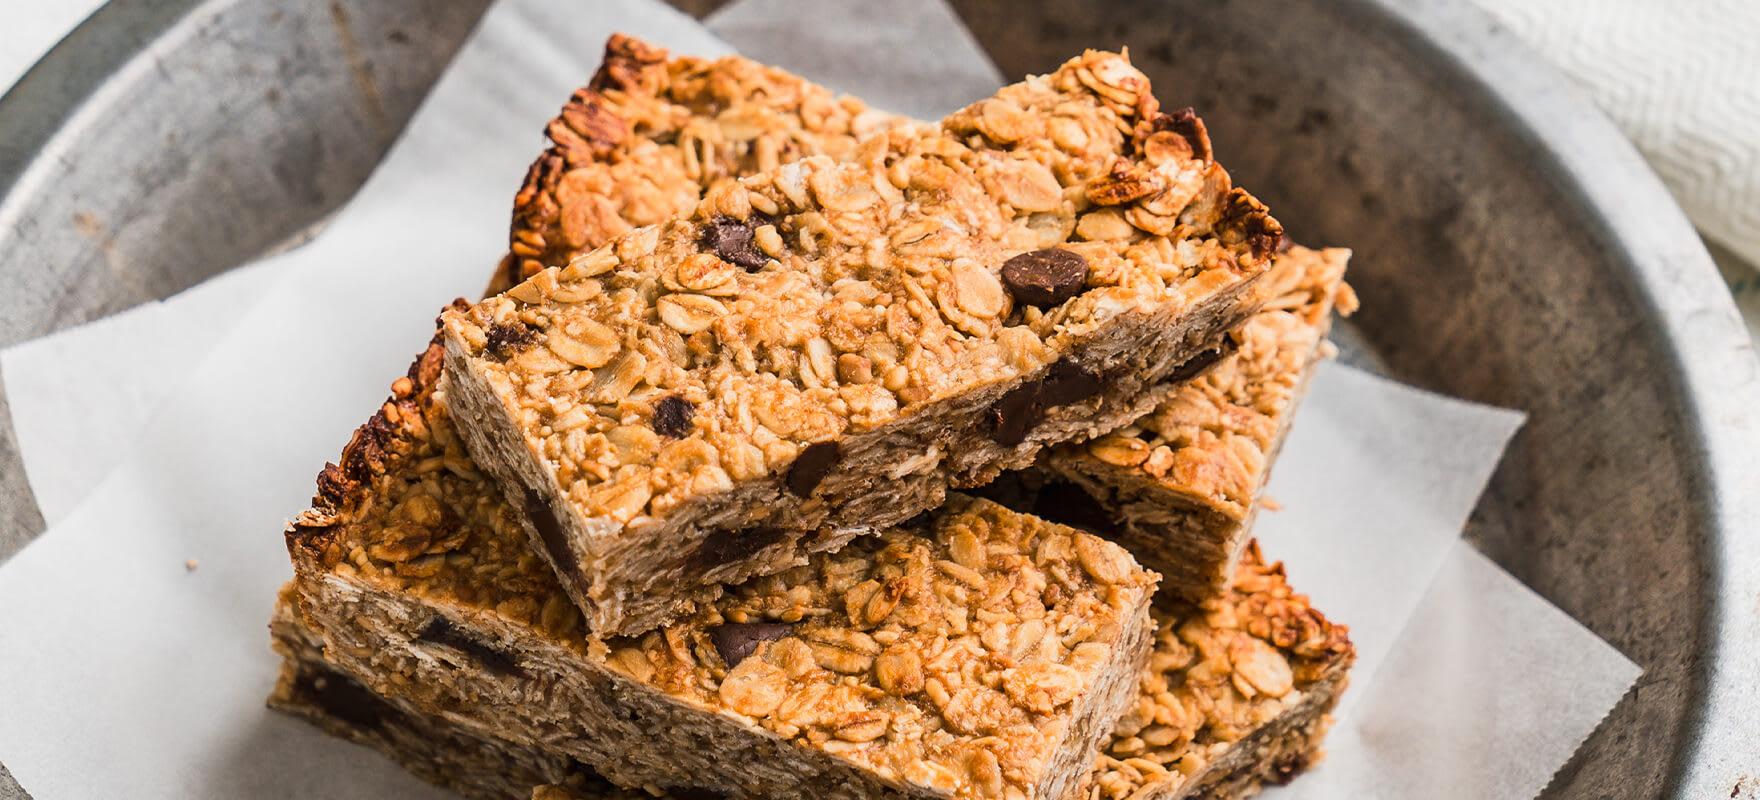 Peanut butter muesli bars image 2